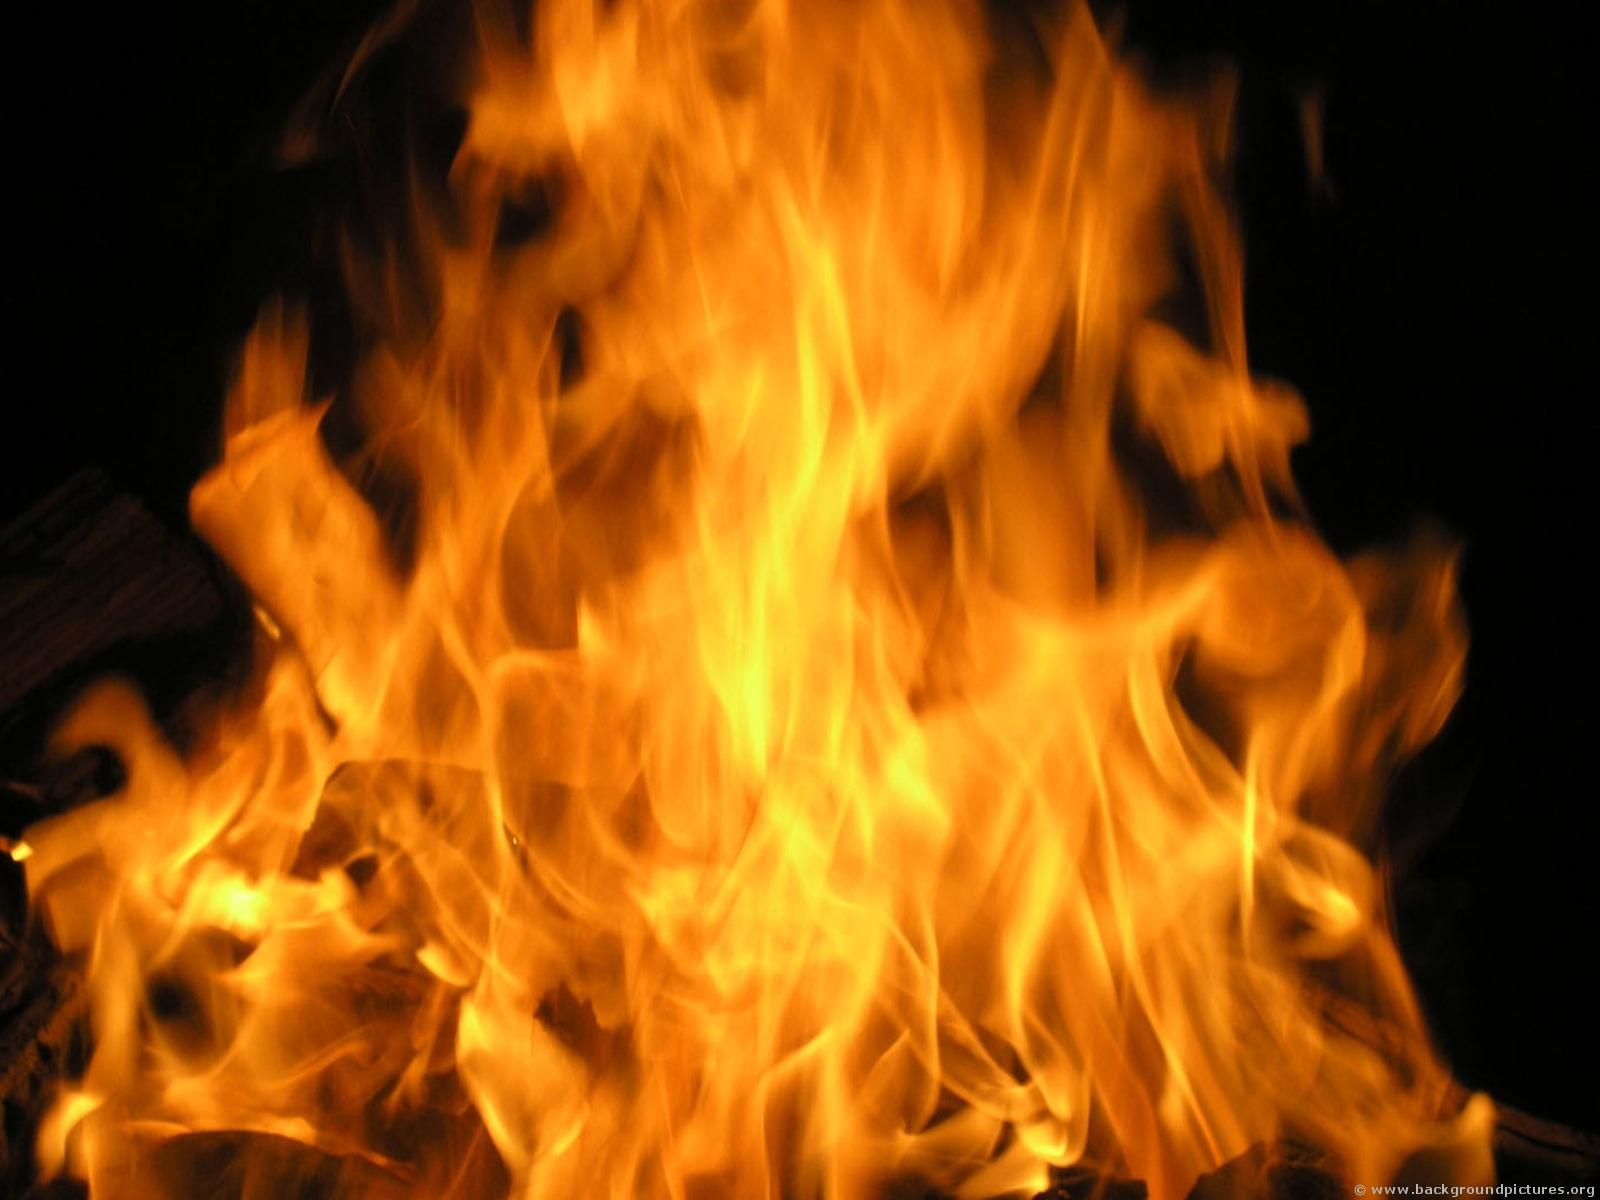 FIRE IN WEST EDMONTON